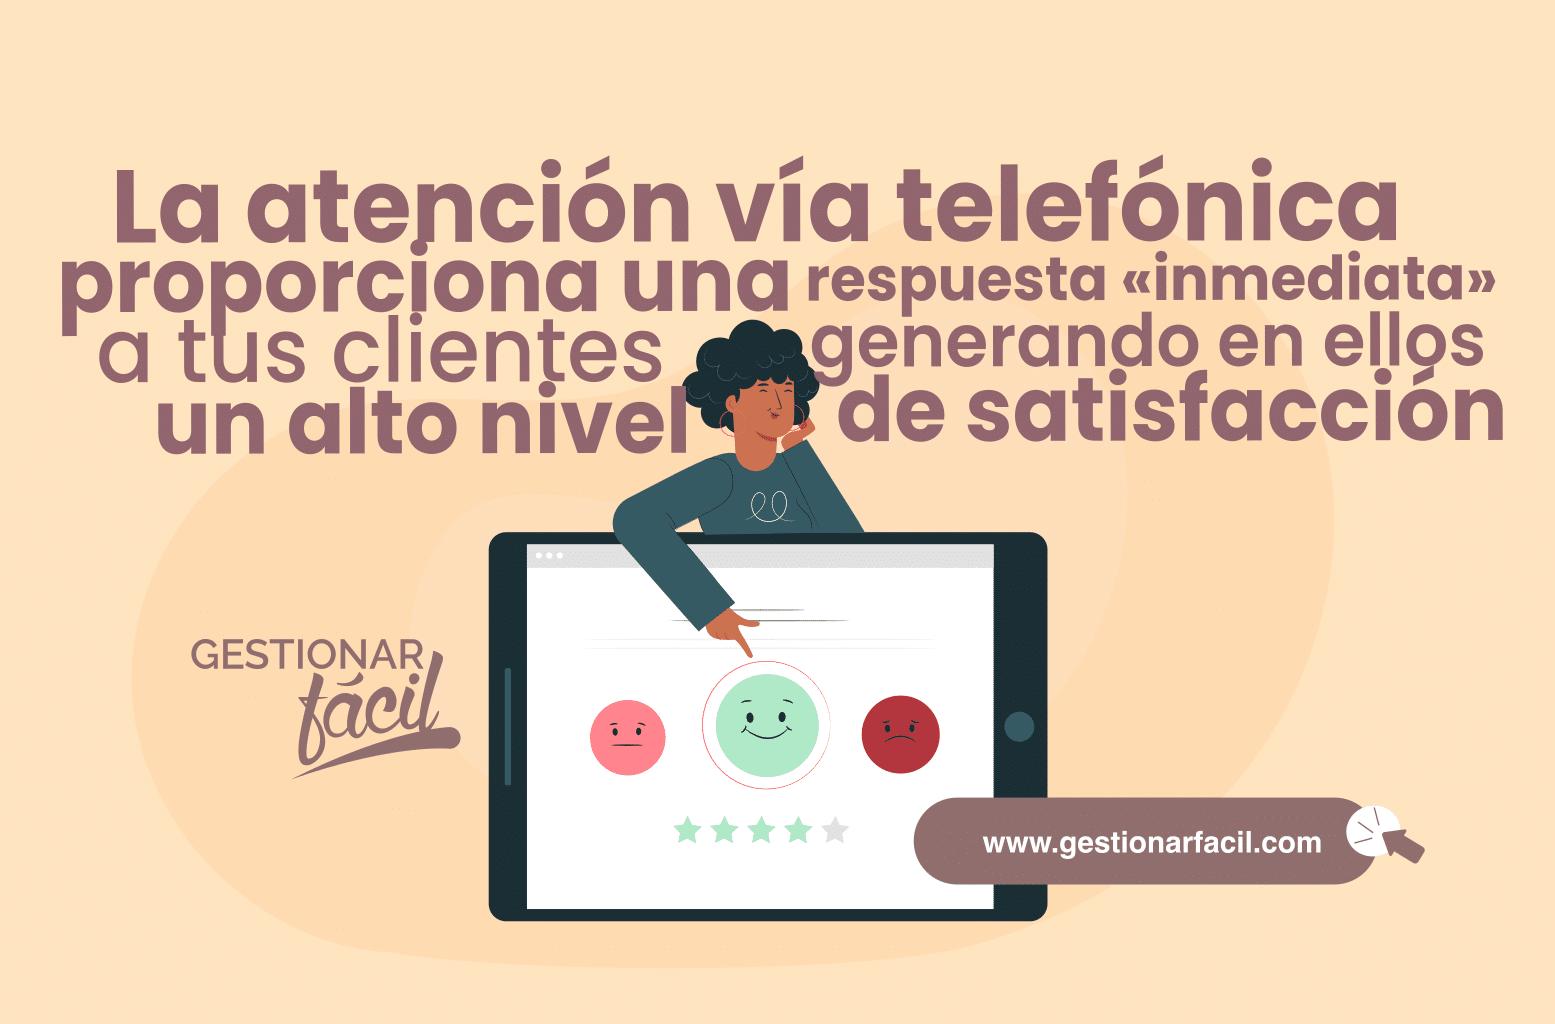 La atención vía telefónica proporciona una respuesta «inmediata» a tus clientes.